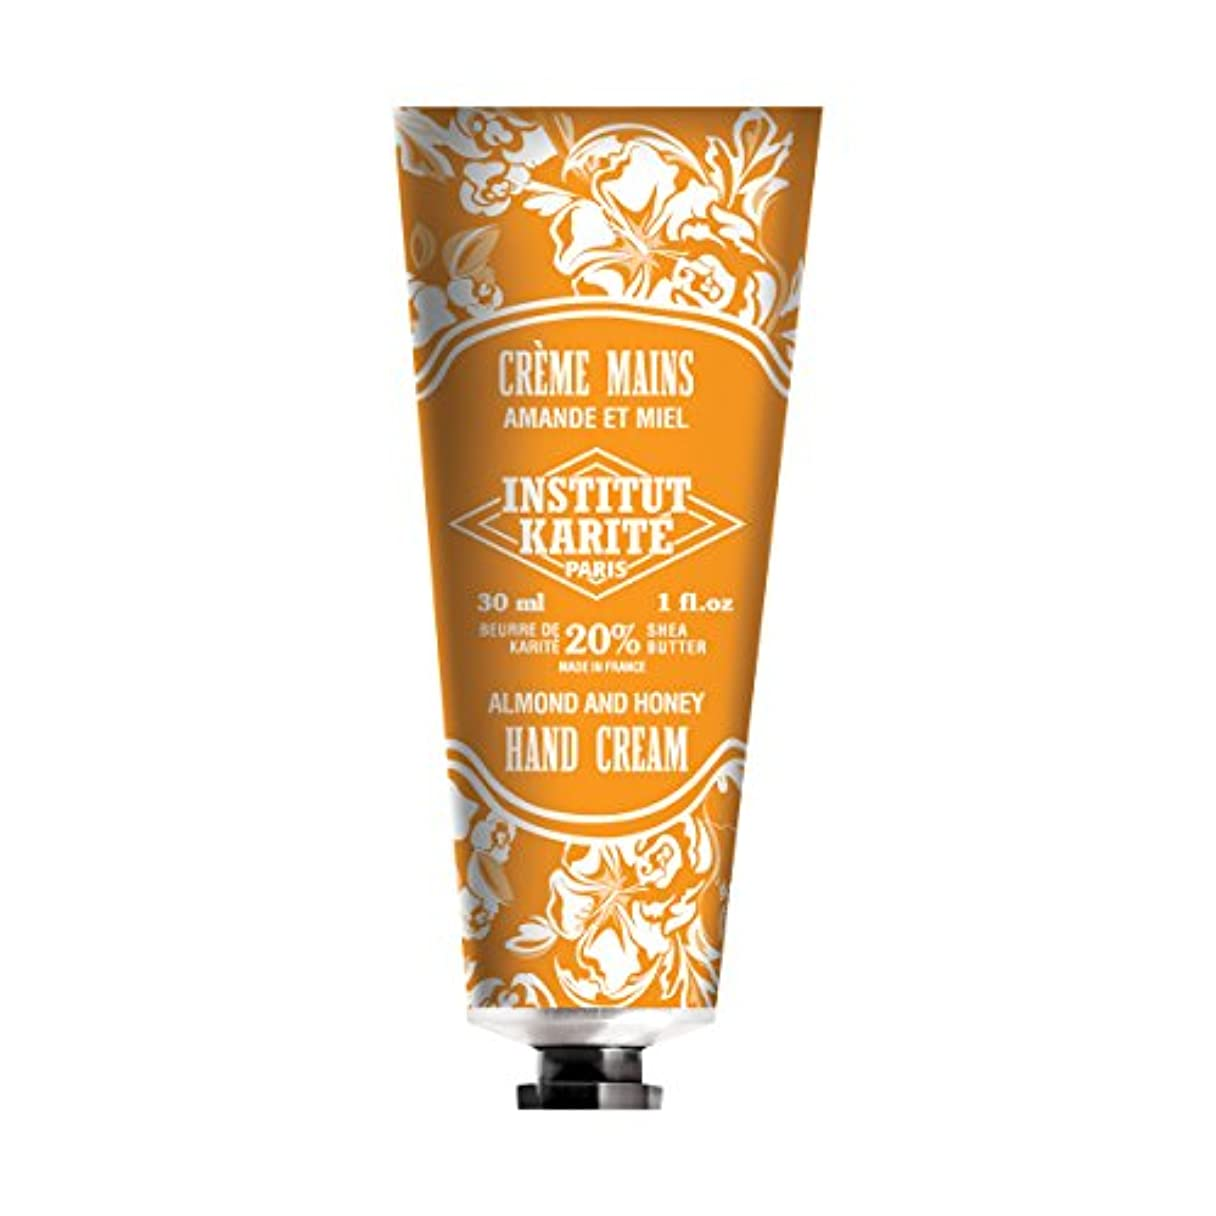 特に腰要求するINSTITUT KARITE インスティチュート カリテ Hand Cream 30ml(ハンドクリーム)AMANDE ET MIEL アーモンドハニー